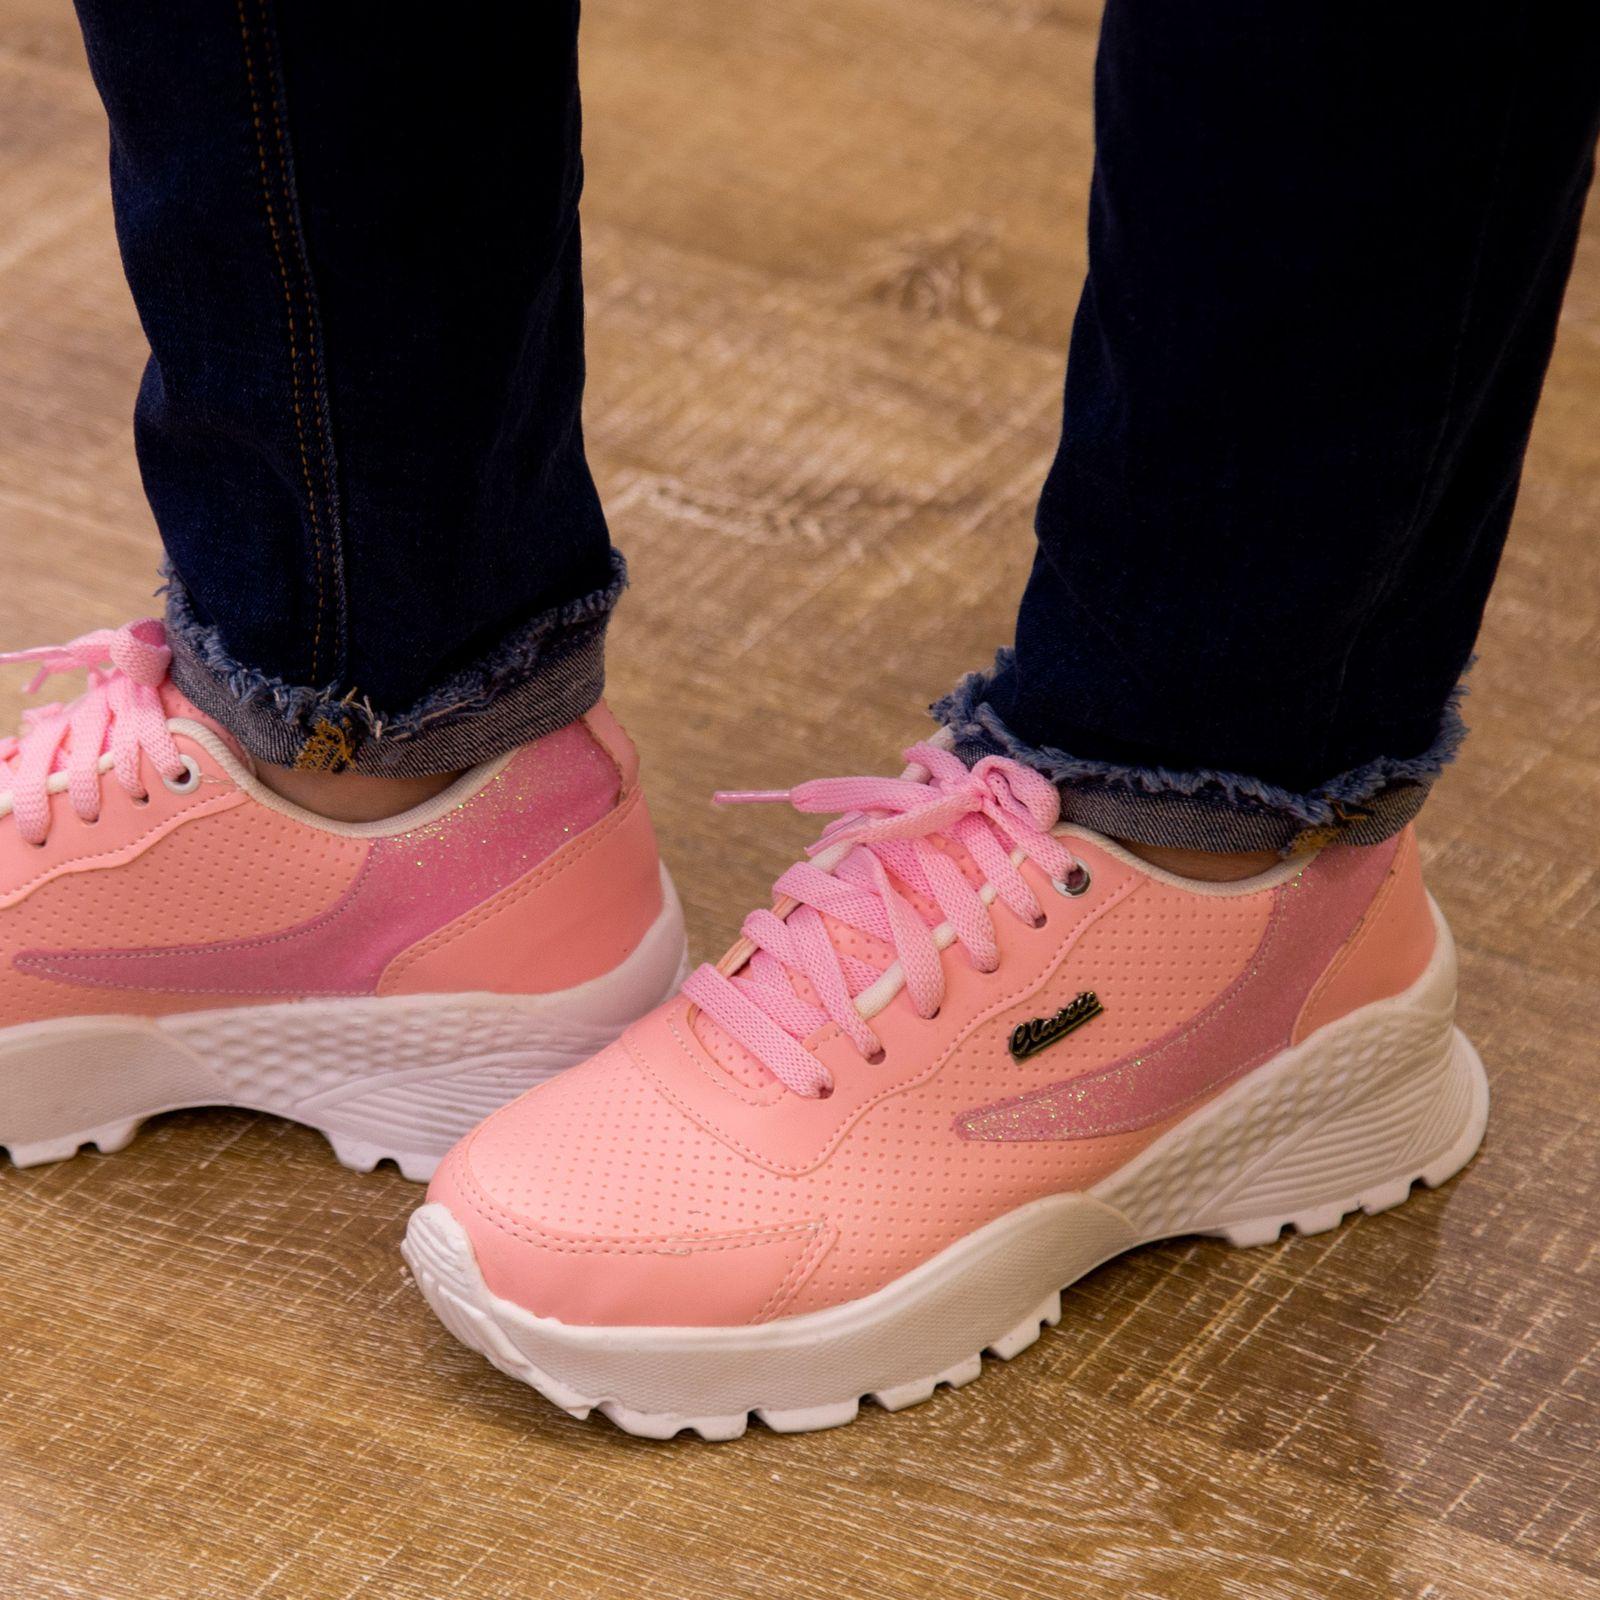 کفش مخصوص پیاده روی زنانه مدل CLS-PK main 1 3